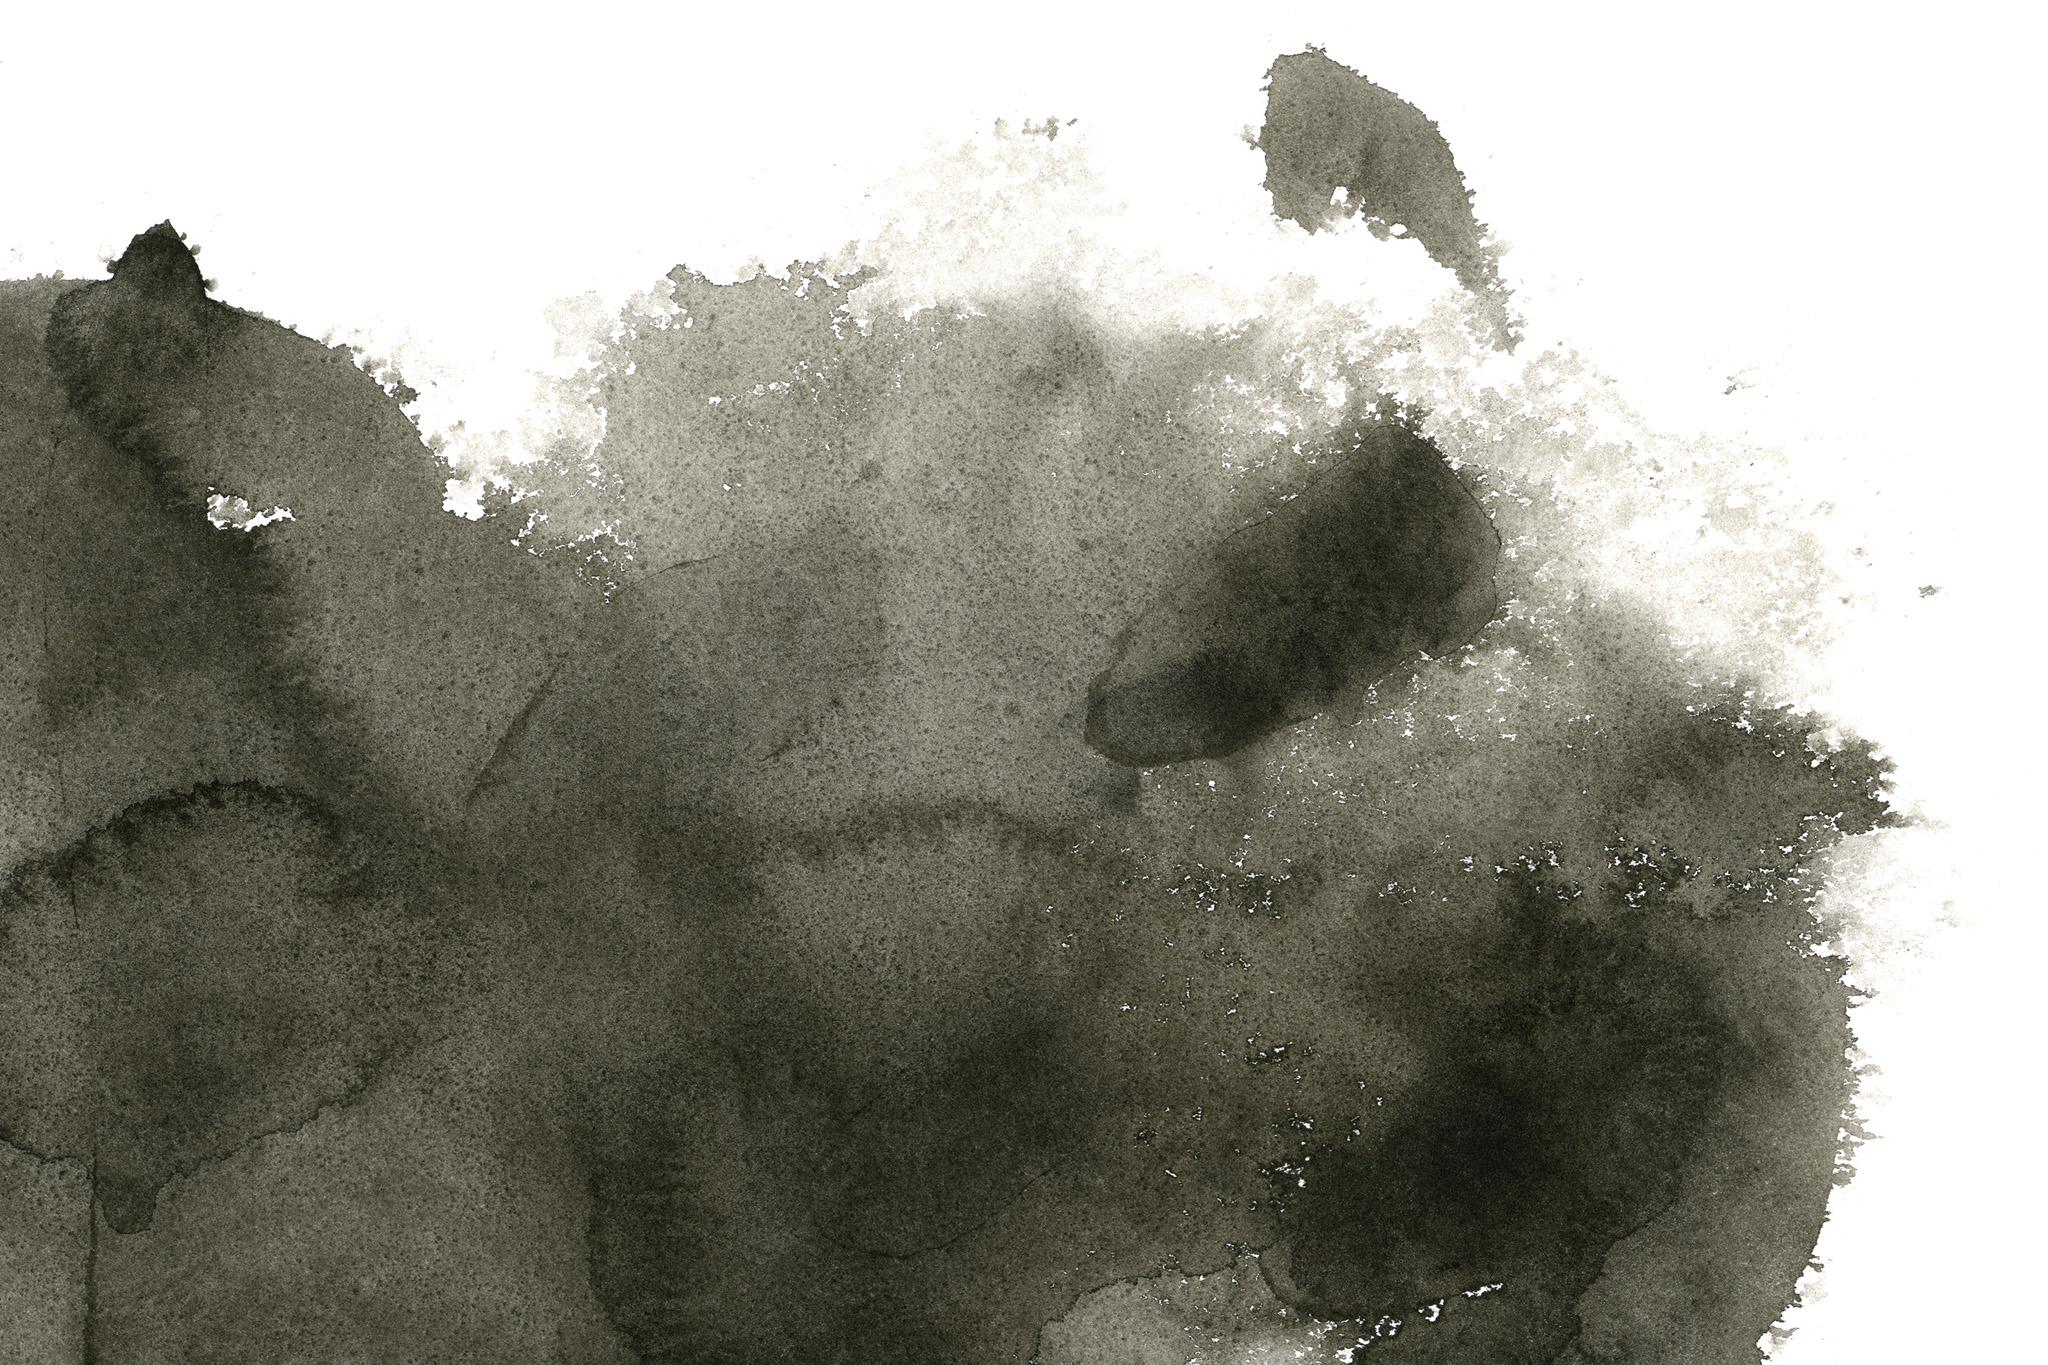 「シミのような濃淡がある墨の背景」